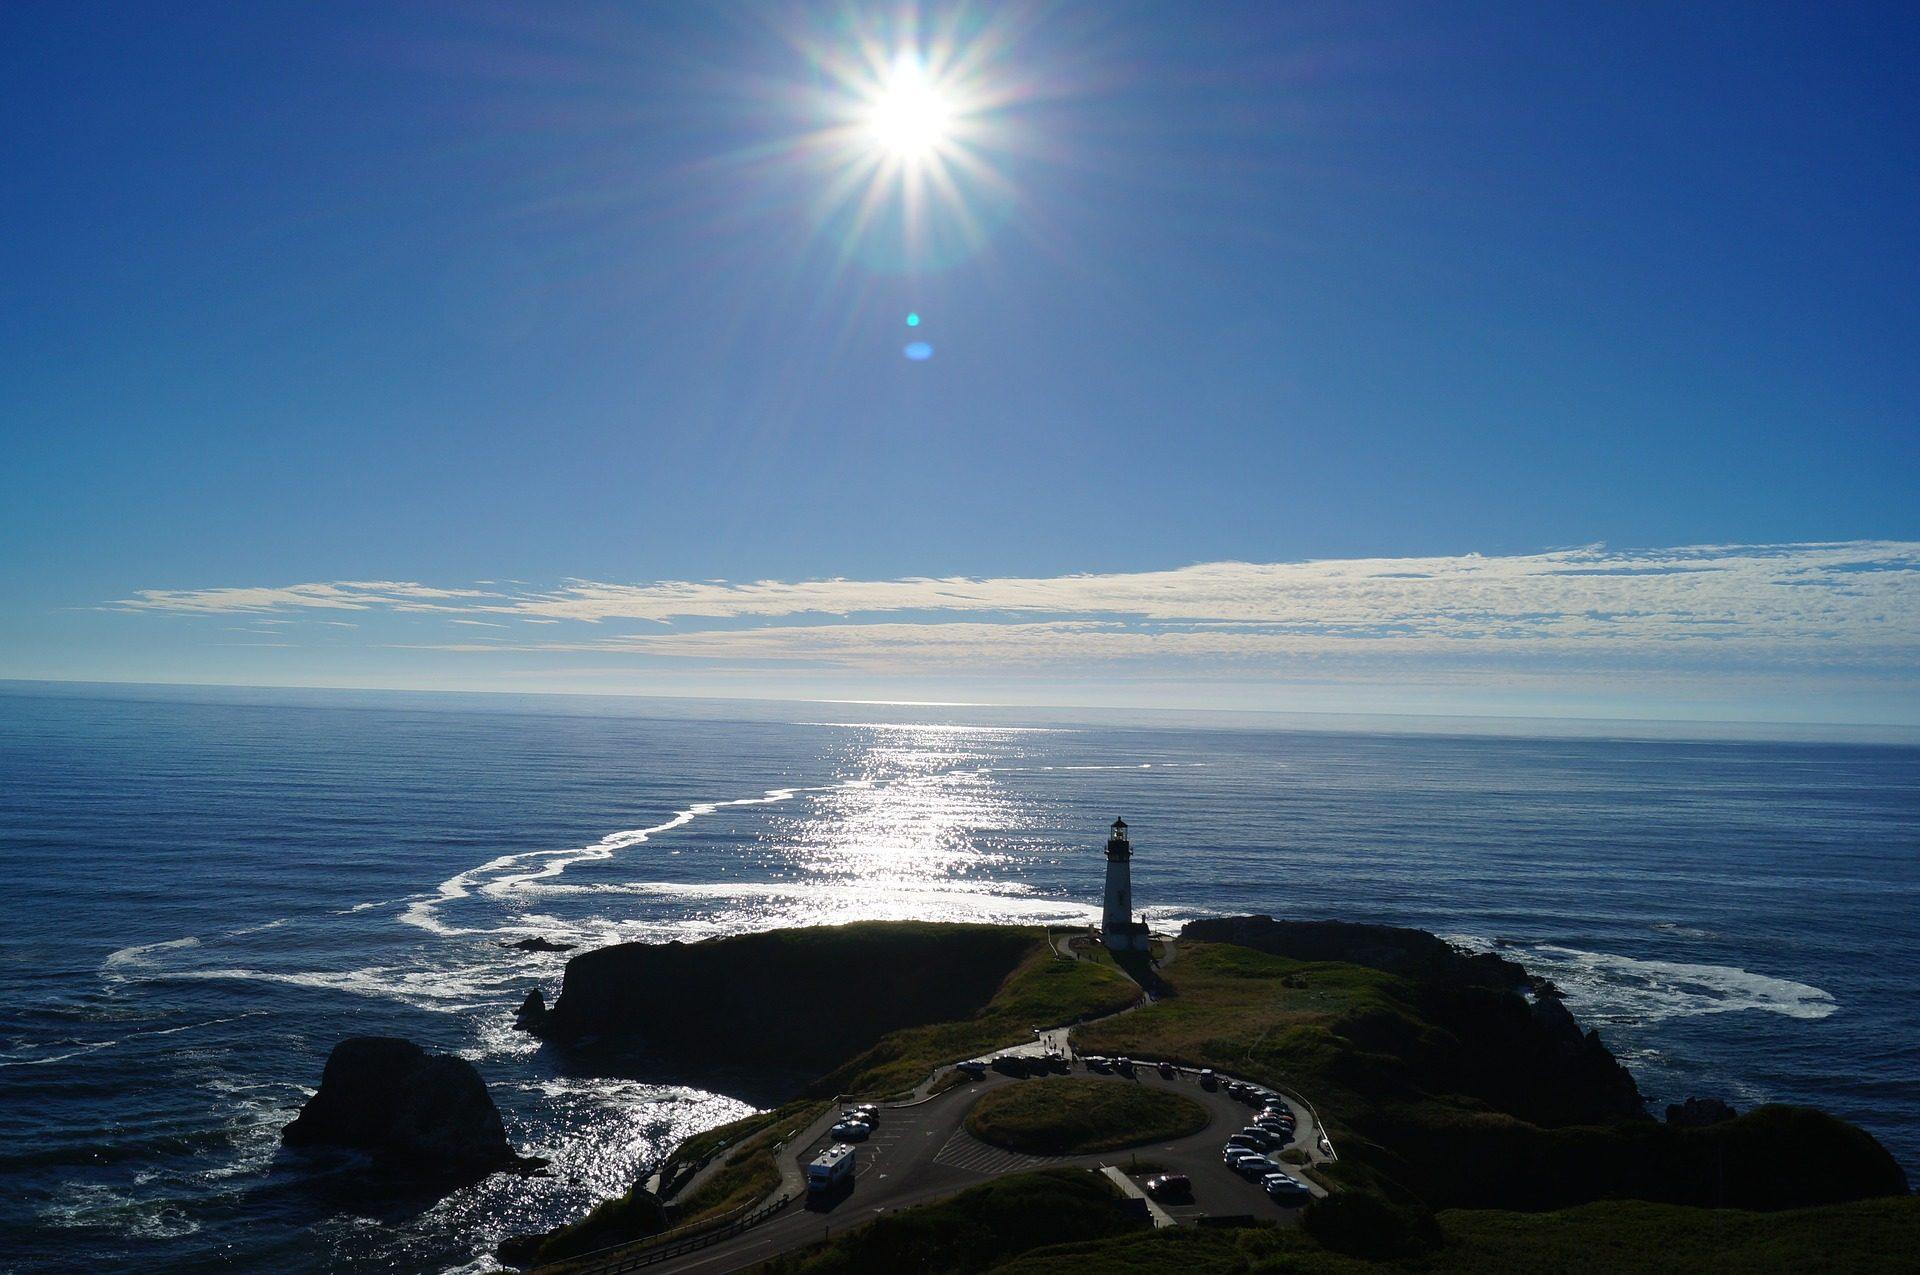 mar, océano, sol, costa, faro, guía - Fondos de Pantalla HD - professor-falken.com